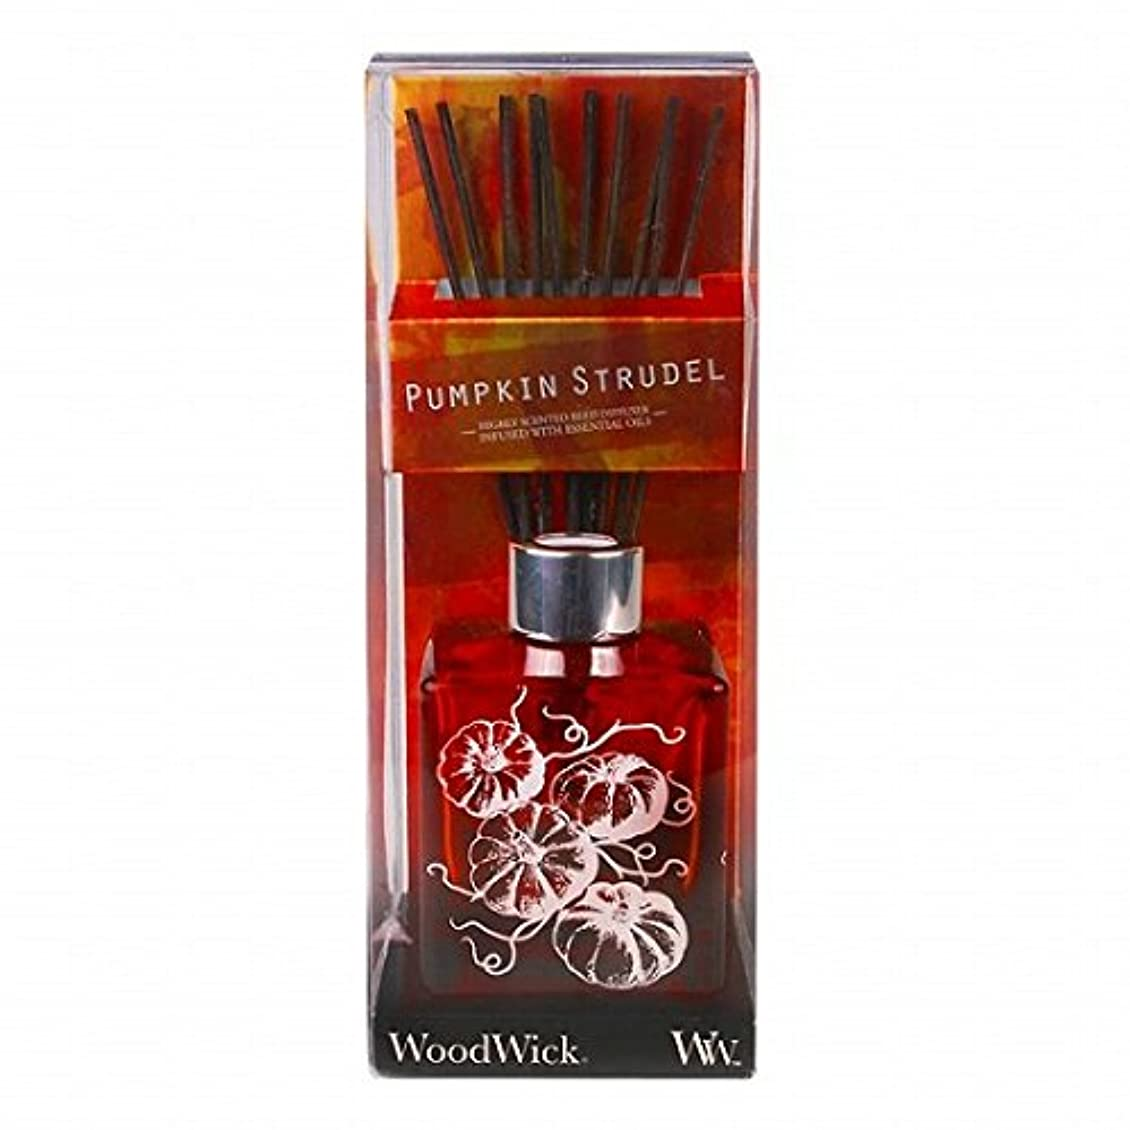 知り合い遠近法大騒ぎWoodWick(ウッドウィック) Wood Wickダンシンググラスリードディフューザー 「 シュトルーデル 」 ディフューザー 68x68x105mm (W9540508)